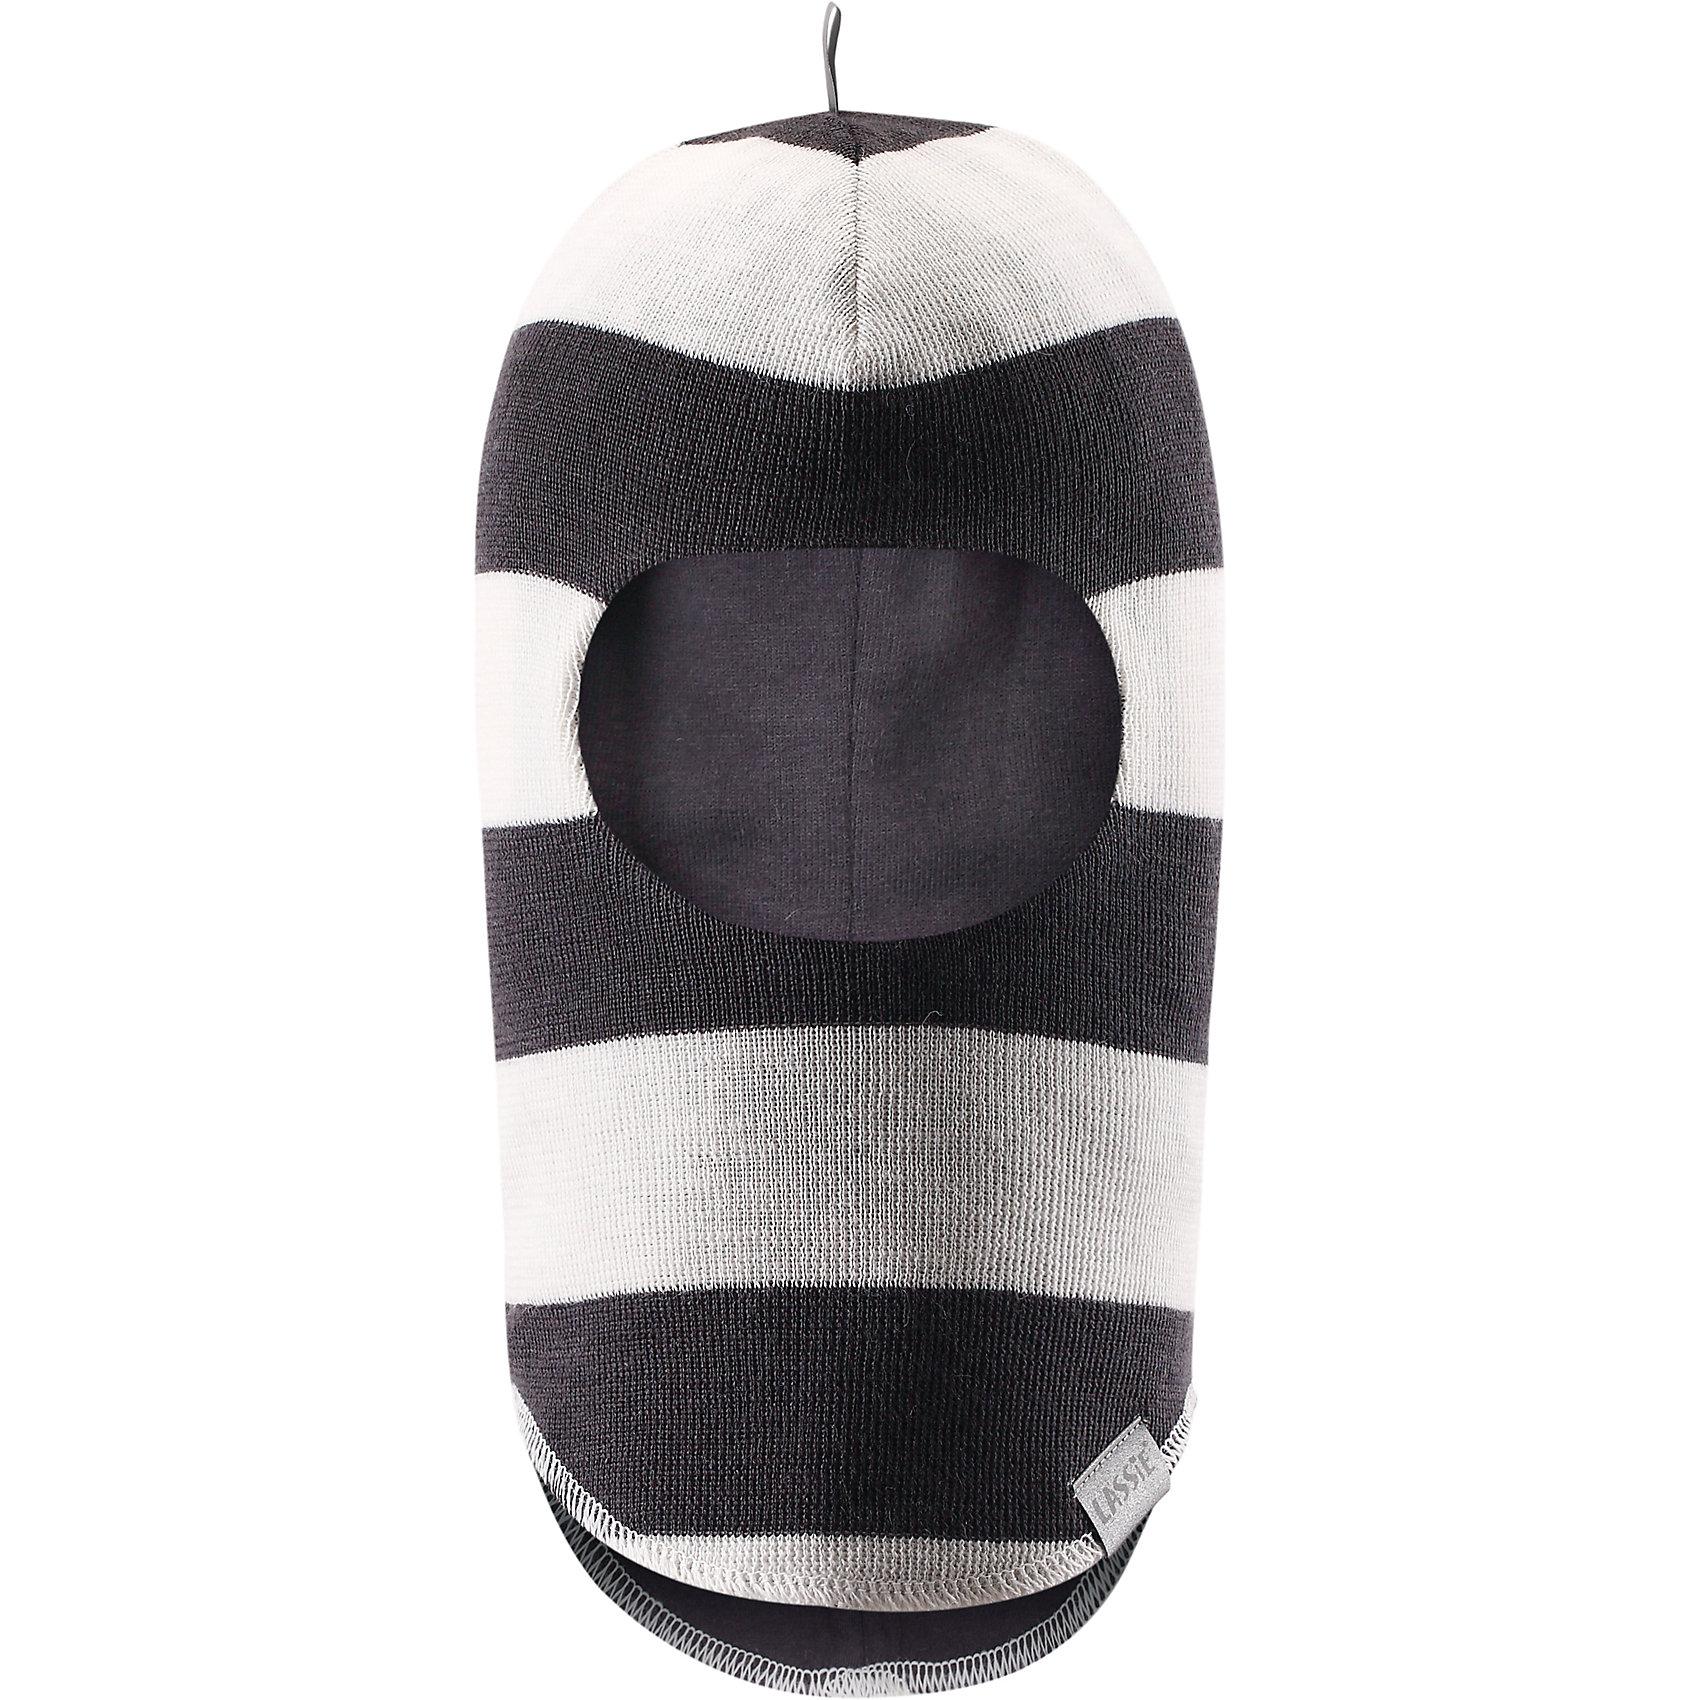 Шапка-шлем  для мальчика LASSIE by ReimaОсобенности модели:<br><br>- Ветронепроницаемые вставки на ушах.<br>- Светоотражающие детали.<br><br>Дополнительная информация:<br><br>Верх: 50% шерсть, 50% акрил<br>Подкладка: джерси (97% хлопок, 3% эластан)<br><br>Шапку-шлем  для мальчика LASSIE by Reima (Ласси от Рейма) можно купить в нашем магазине.<br><br>Ширина мм: 89<br>Глубина мм: 117<br>Высота мм: 44<br>Вес г: 155<br>Цвет: серый<br>Возраст от месяцев: 12<br>Возраст до месяцев: 24<br>Пол: Мужской<br>Возраст: Детский<br>Размер: 46-48,44-46<br>SKU: 4451994